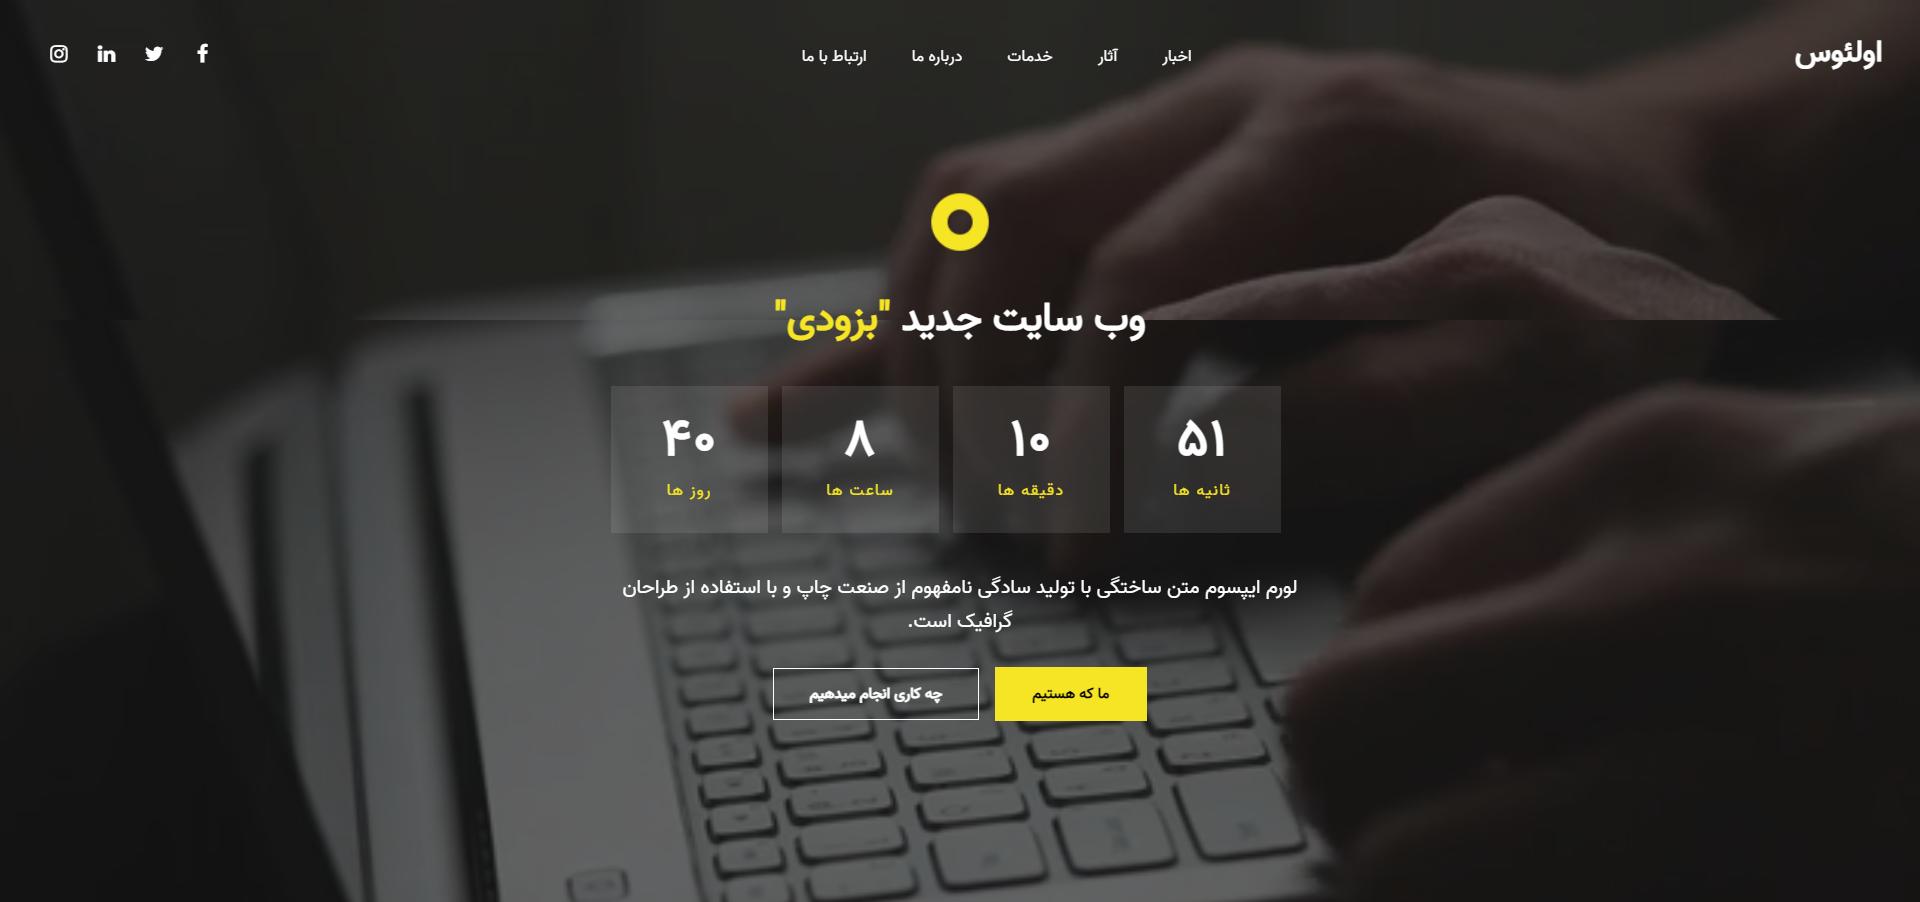 قالب HTML در دست ساخت اولئوس